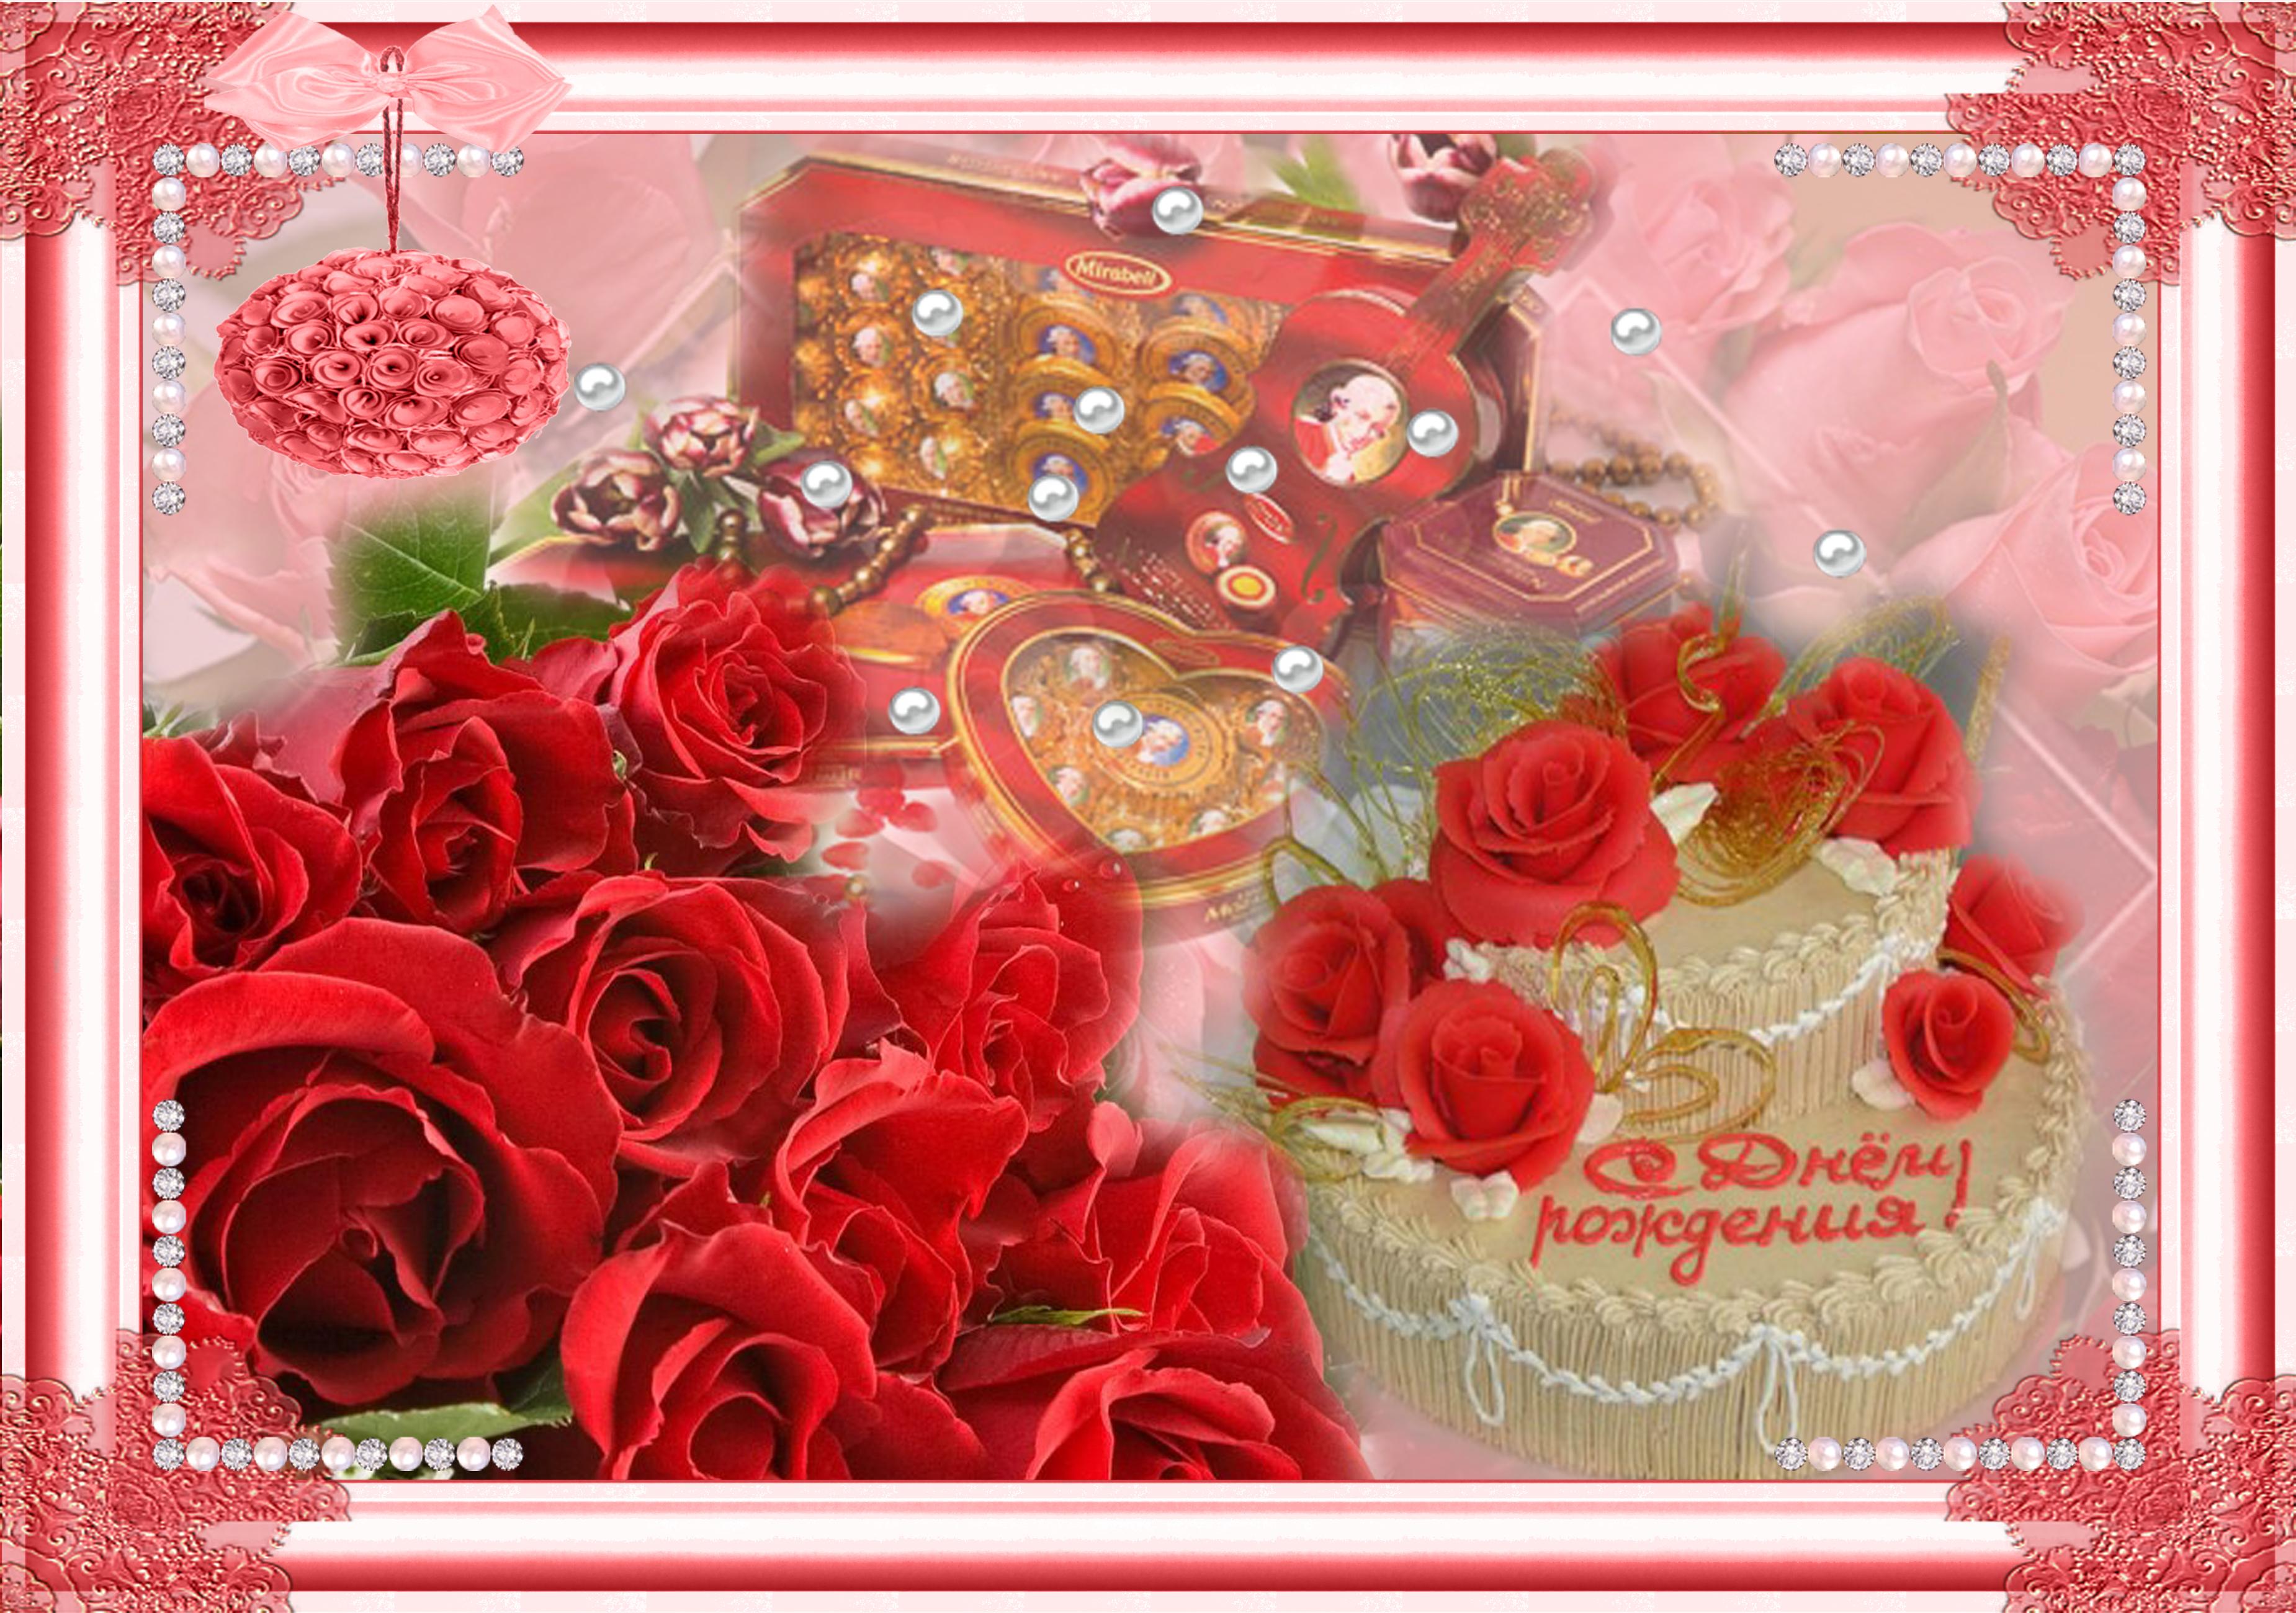 Фото красивые открытки с днём рождения для женщин анимация